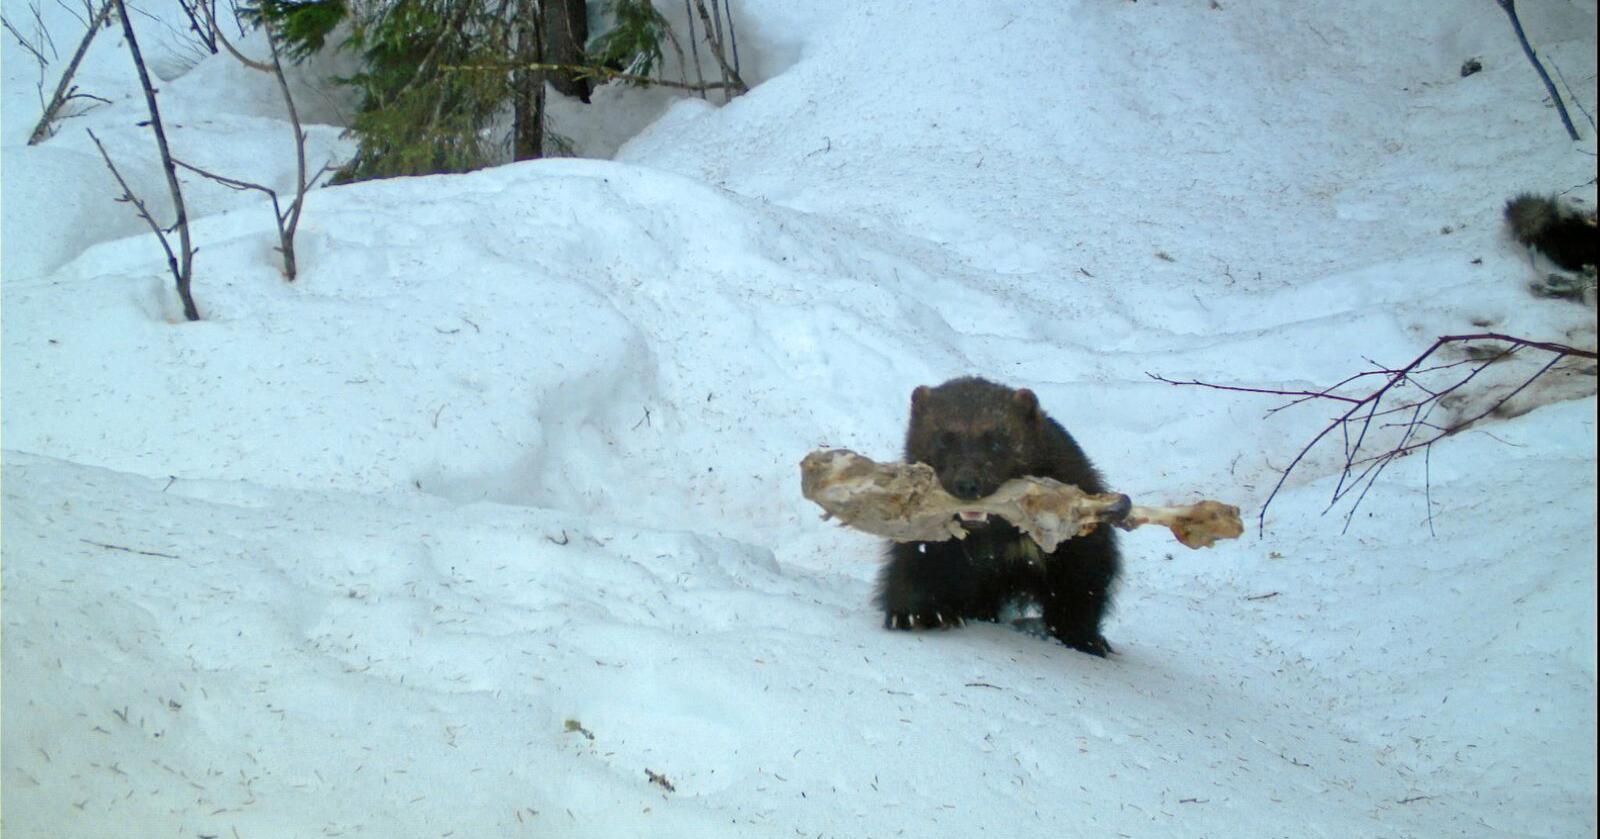 Jerven er en storhamstrer, og gjemmer ofte mat i snø, steinblokker og myr for å overleve dårligere tider. Foto: Norsk institutt for naturforskning (Nina)